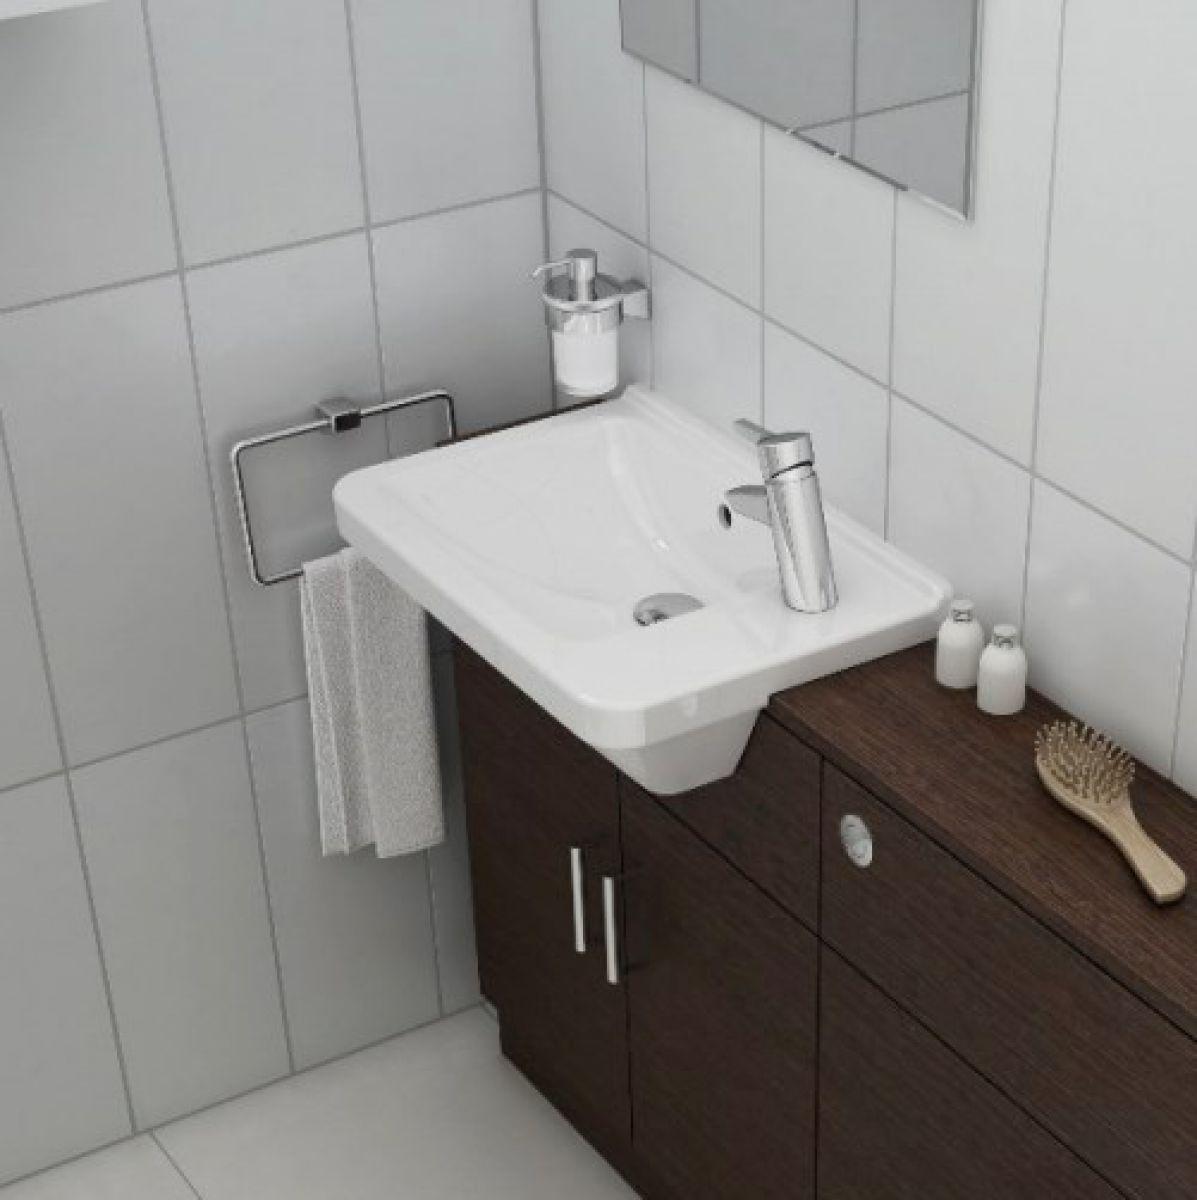 Vitra S50 Compact Square Semi Recessed Basin